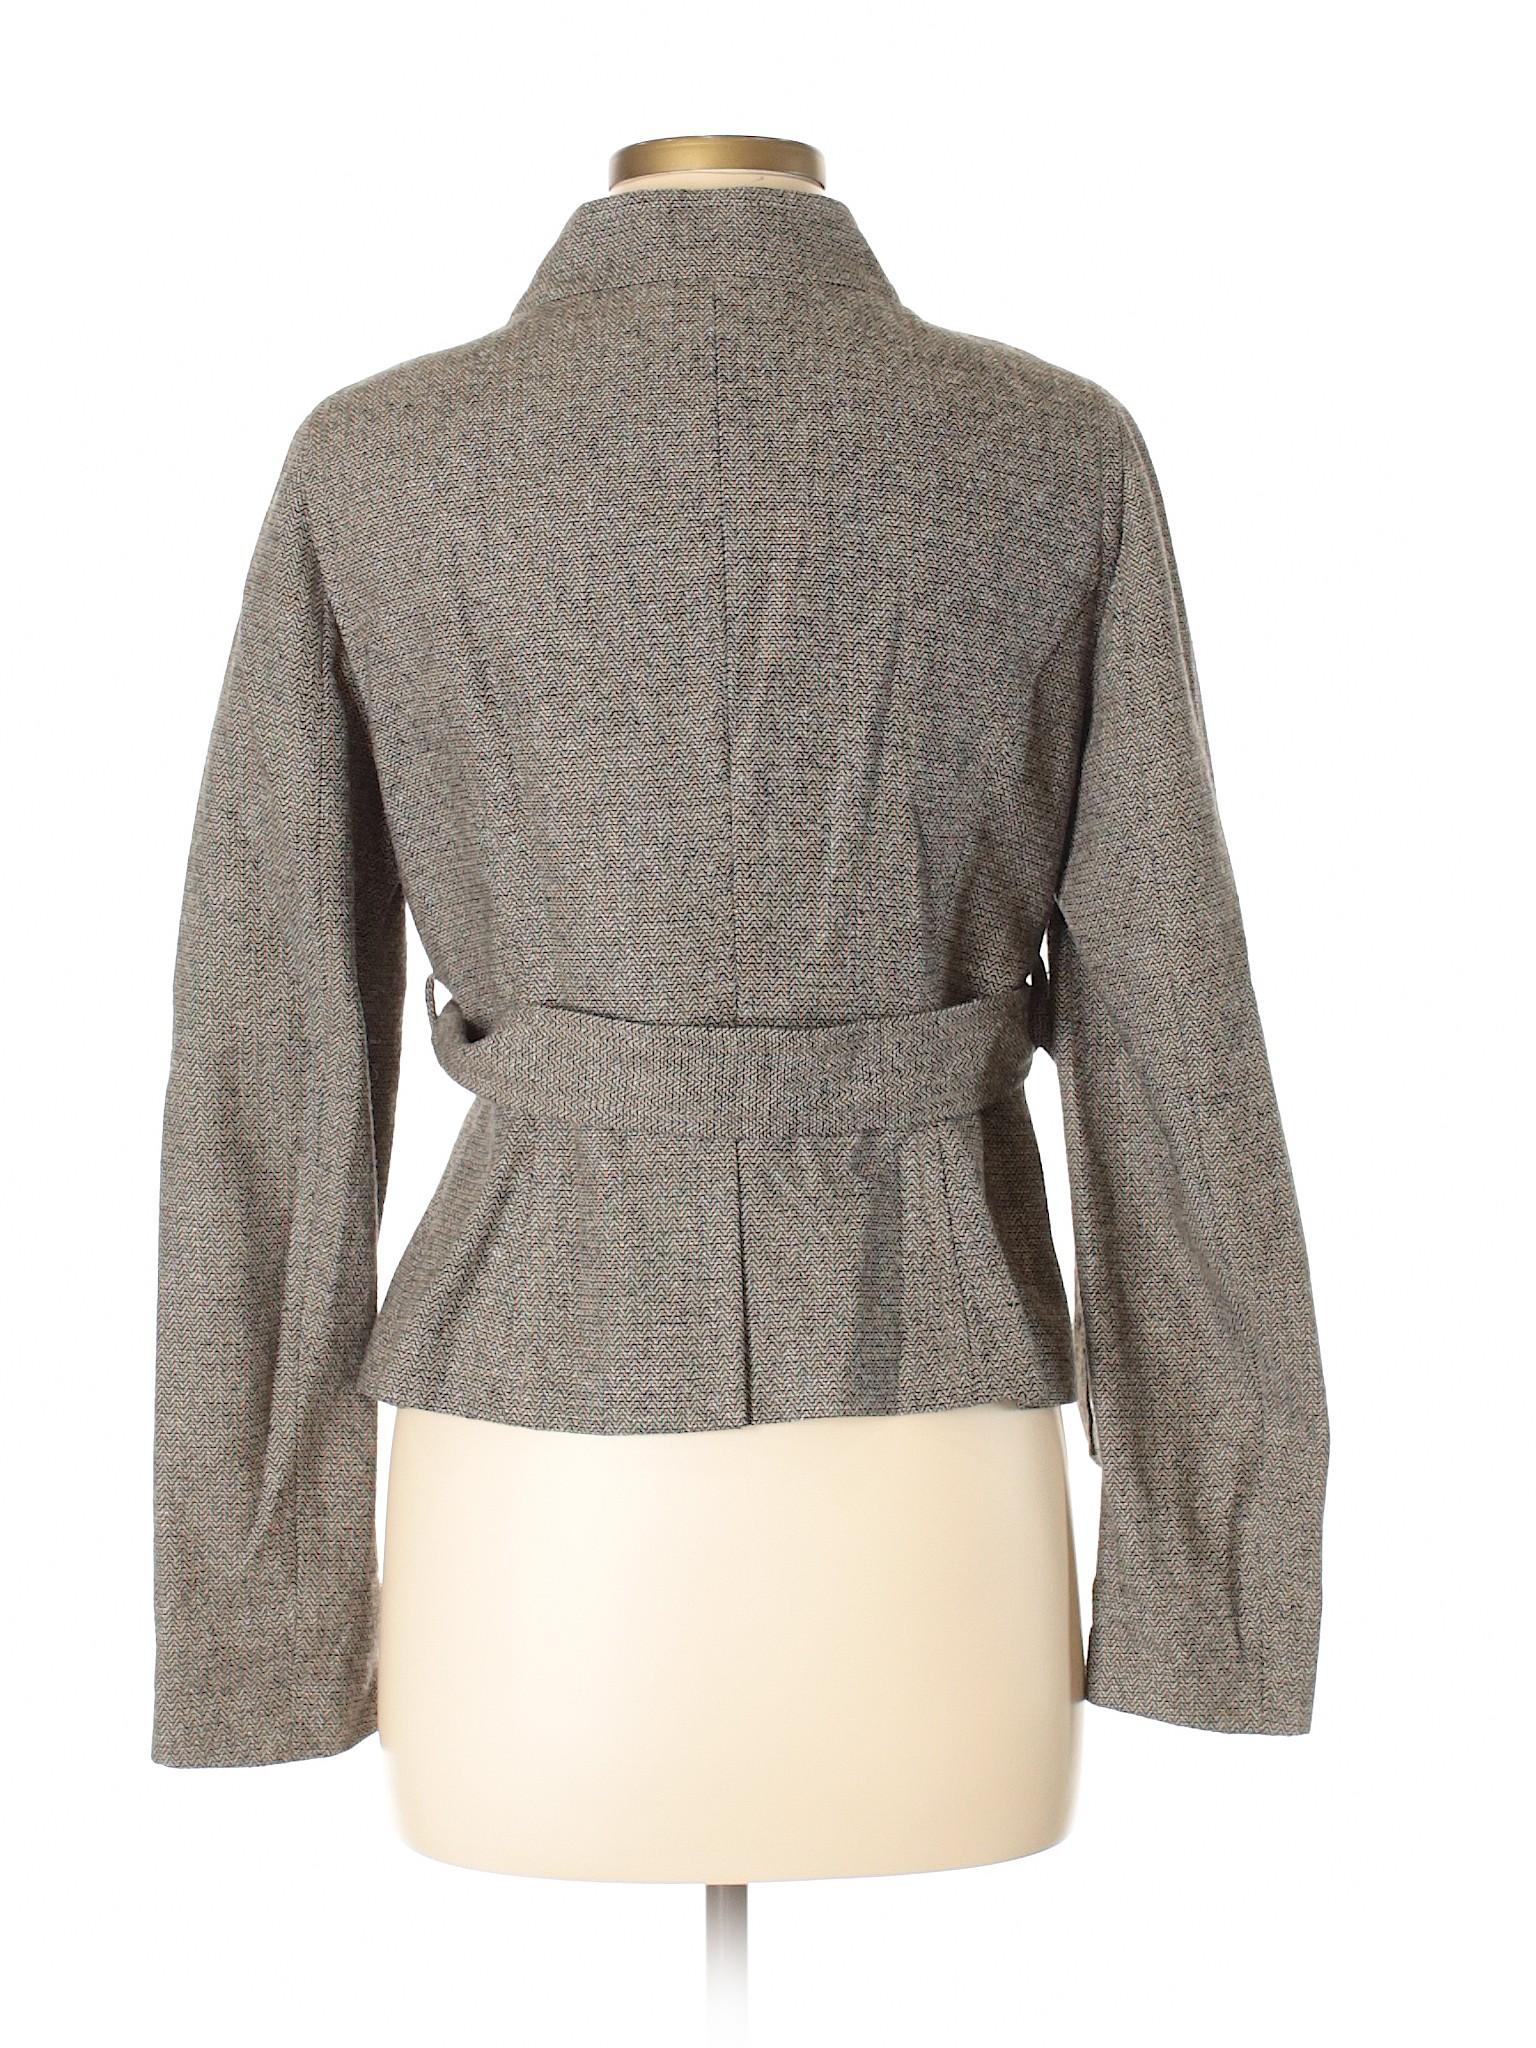 Boutique Loft Taylor Leisure Jacket Ann Bqr1xB